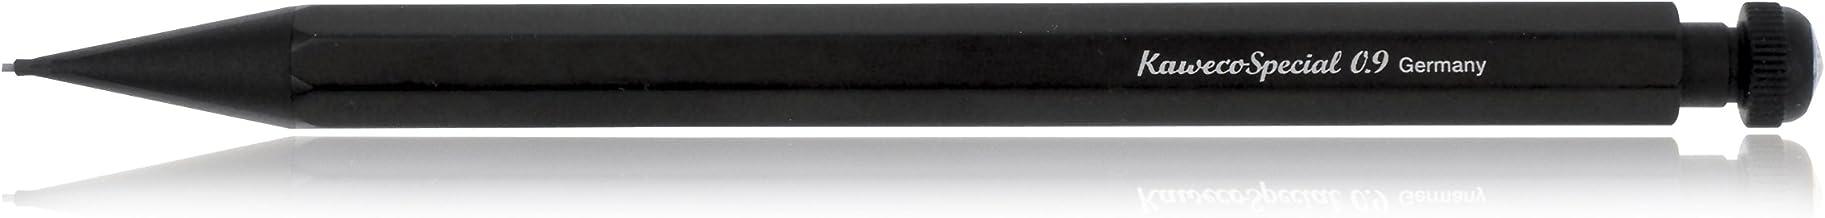 カヴェコ シャープペンシル スペシャル PS-09 0.9mm 正規輸入品